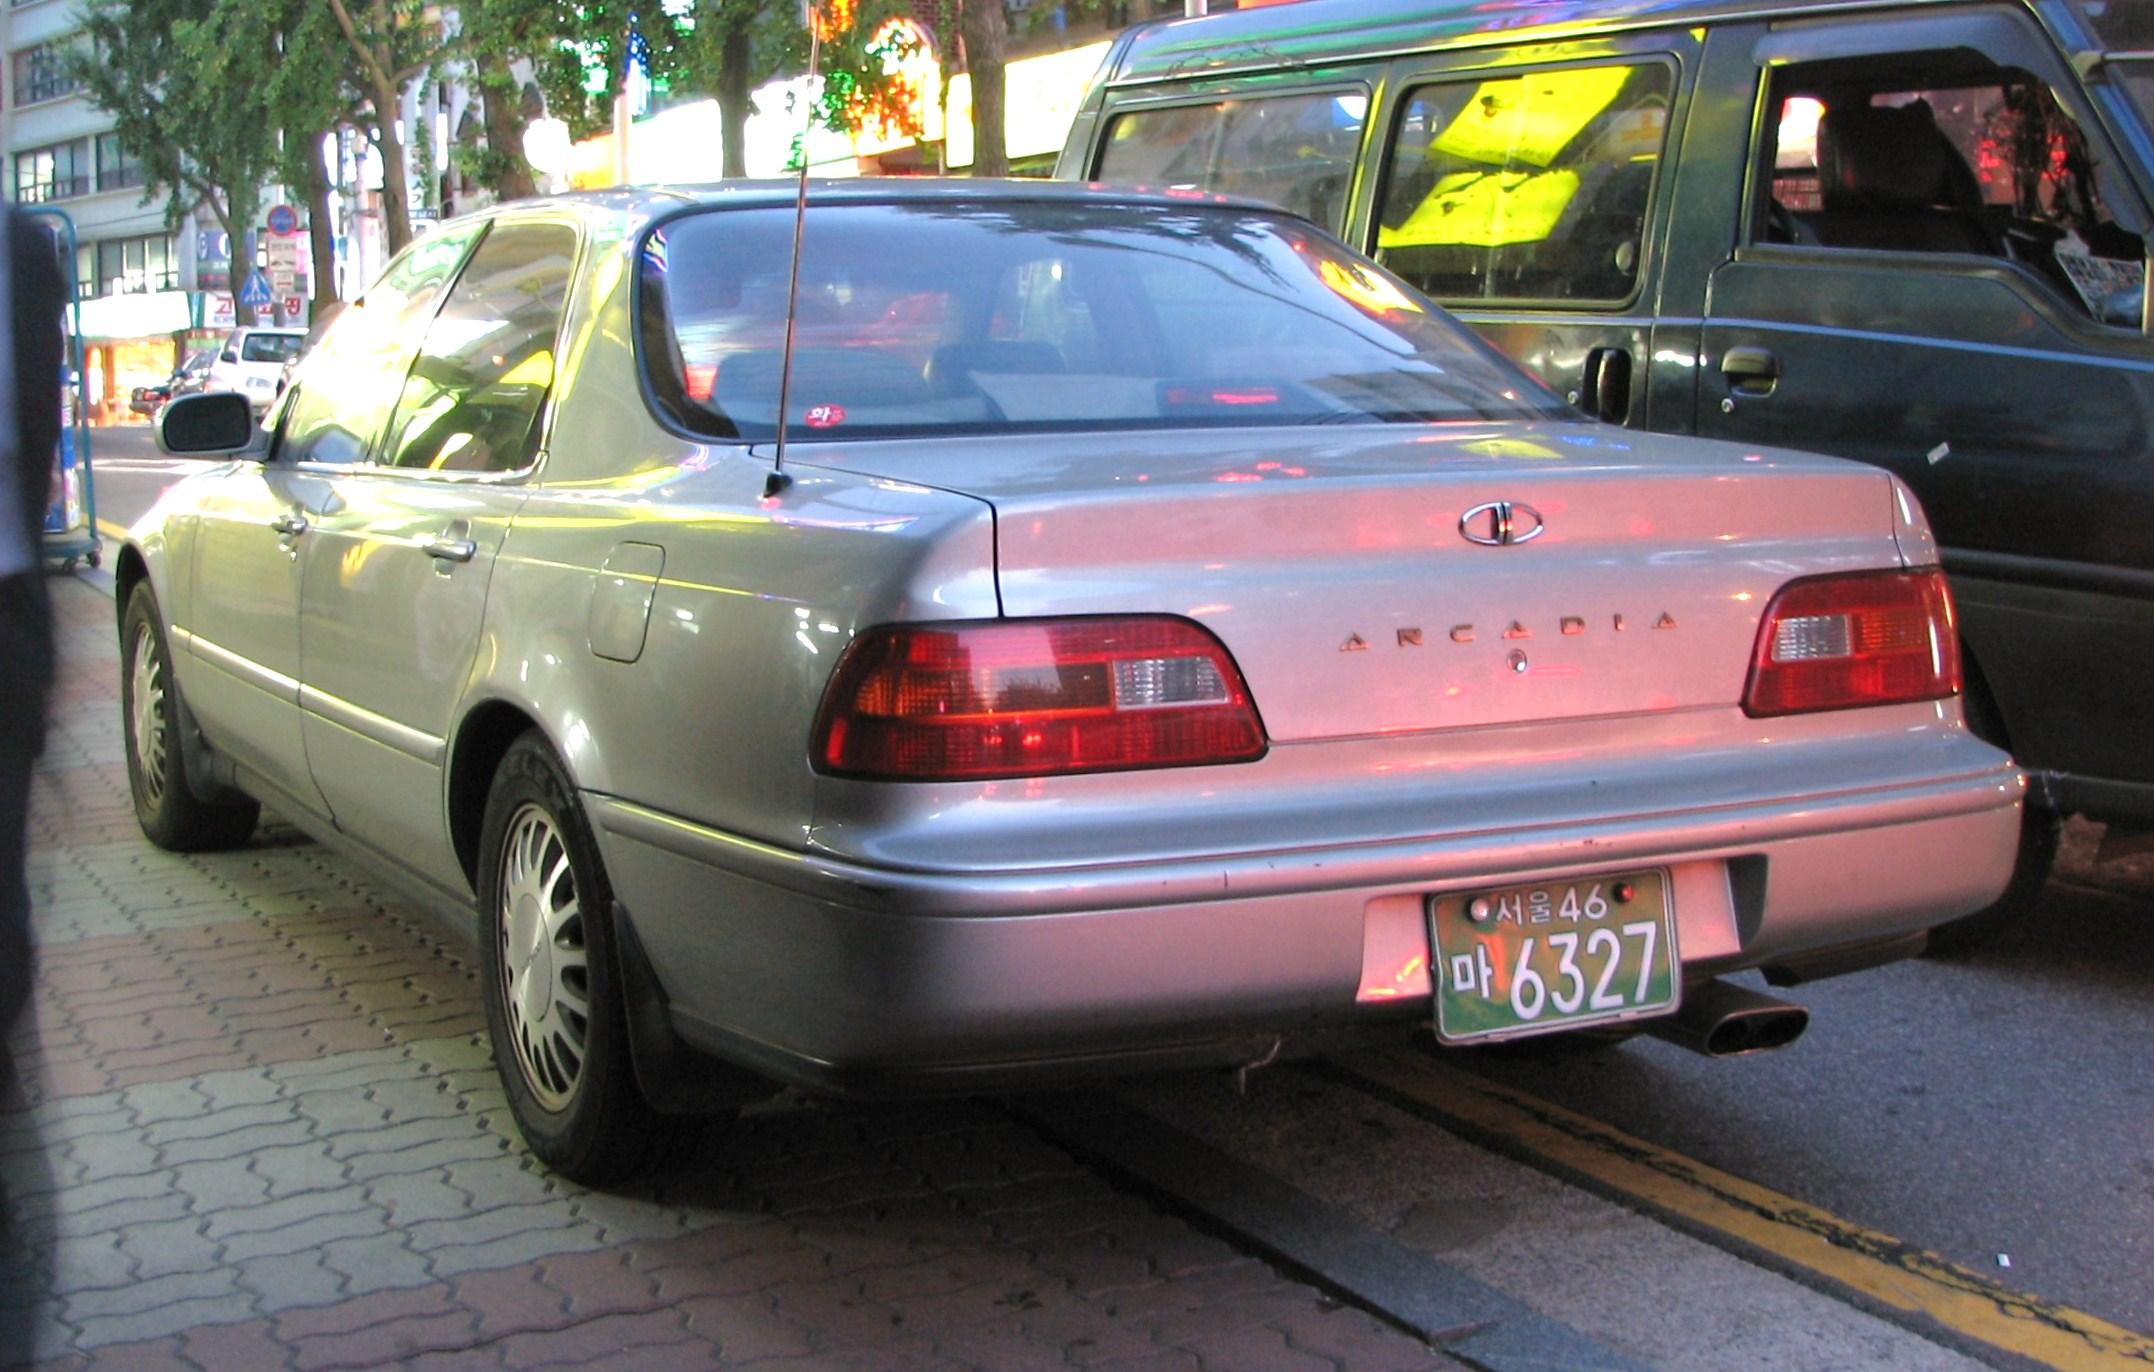 2006 Daewoo Arcadia